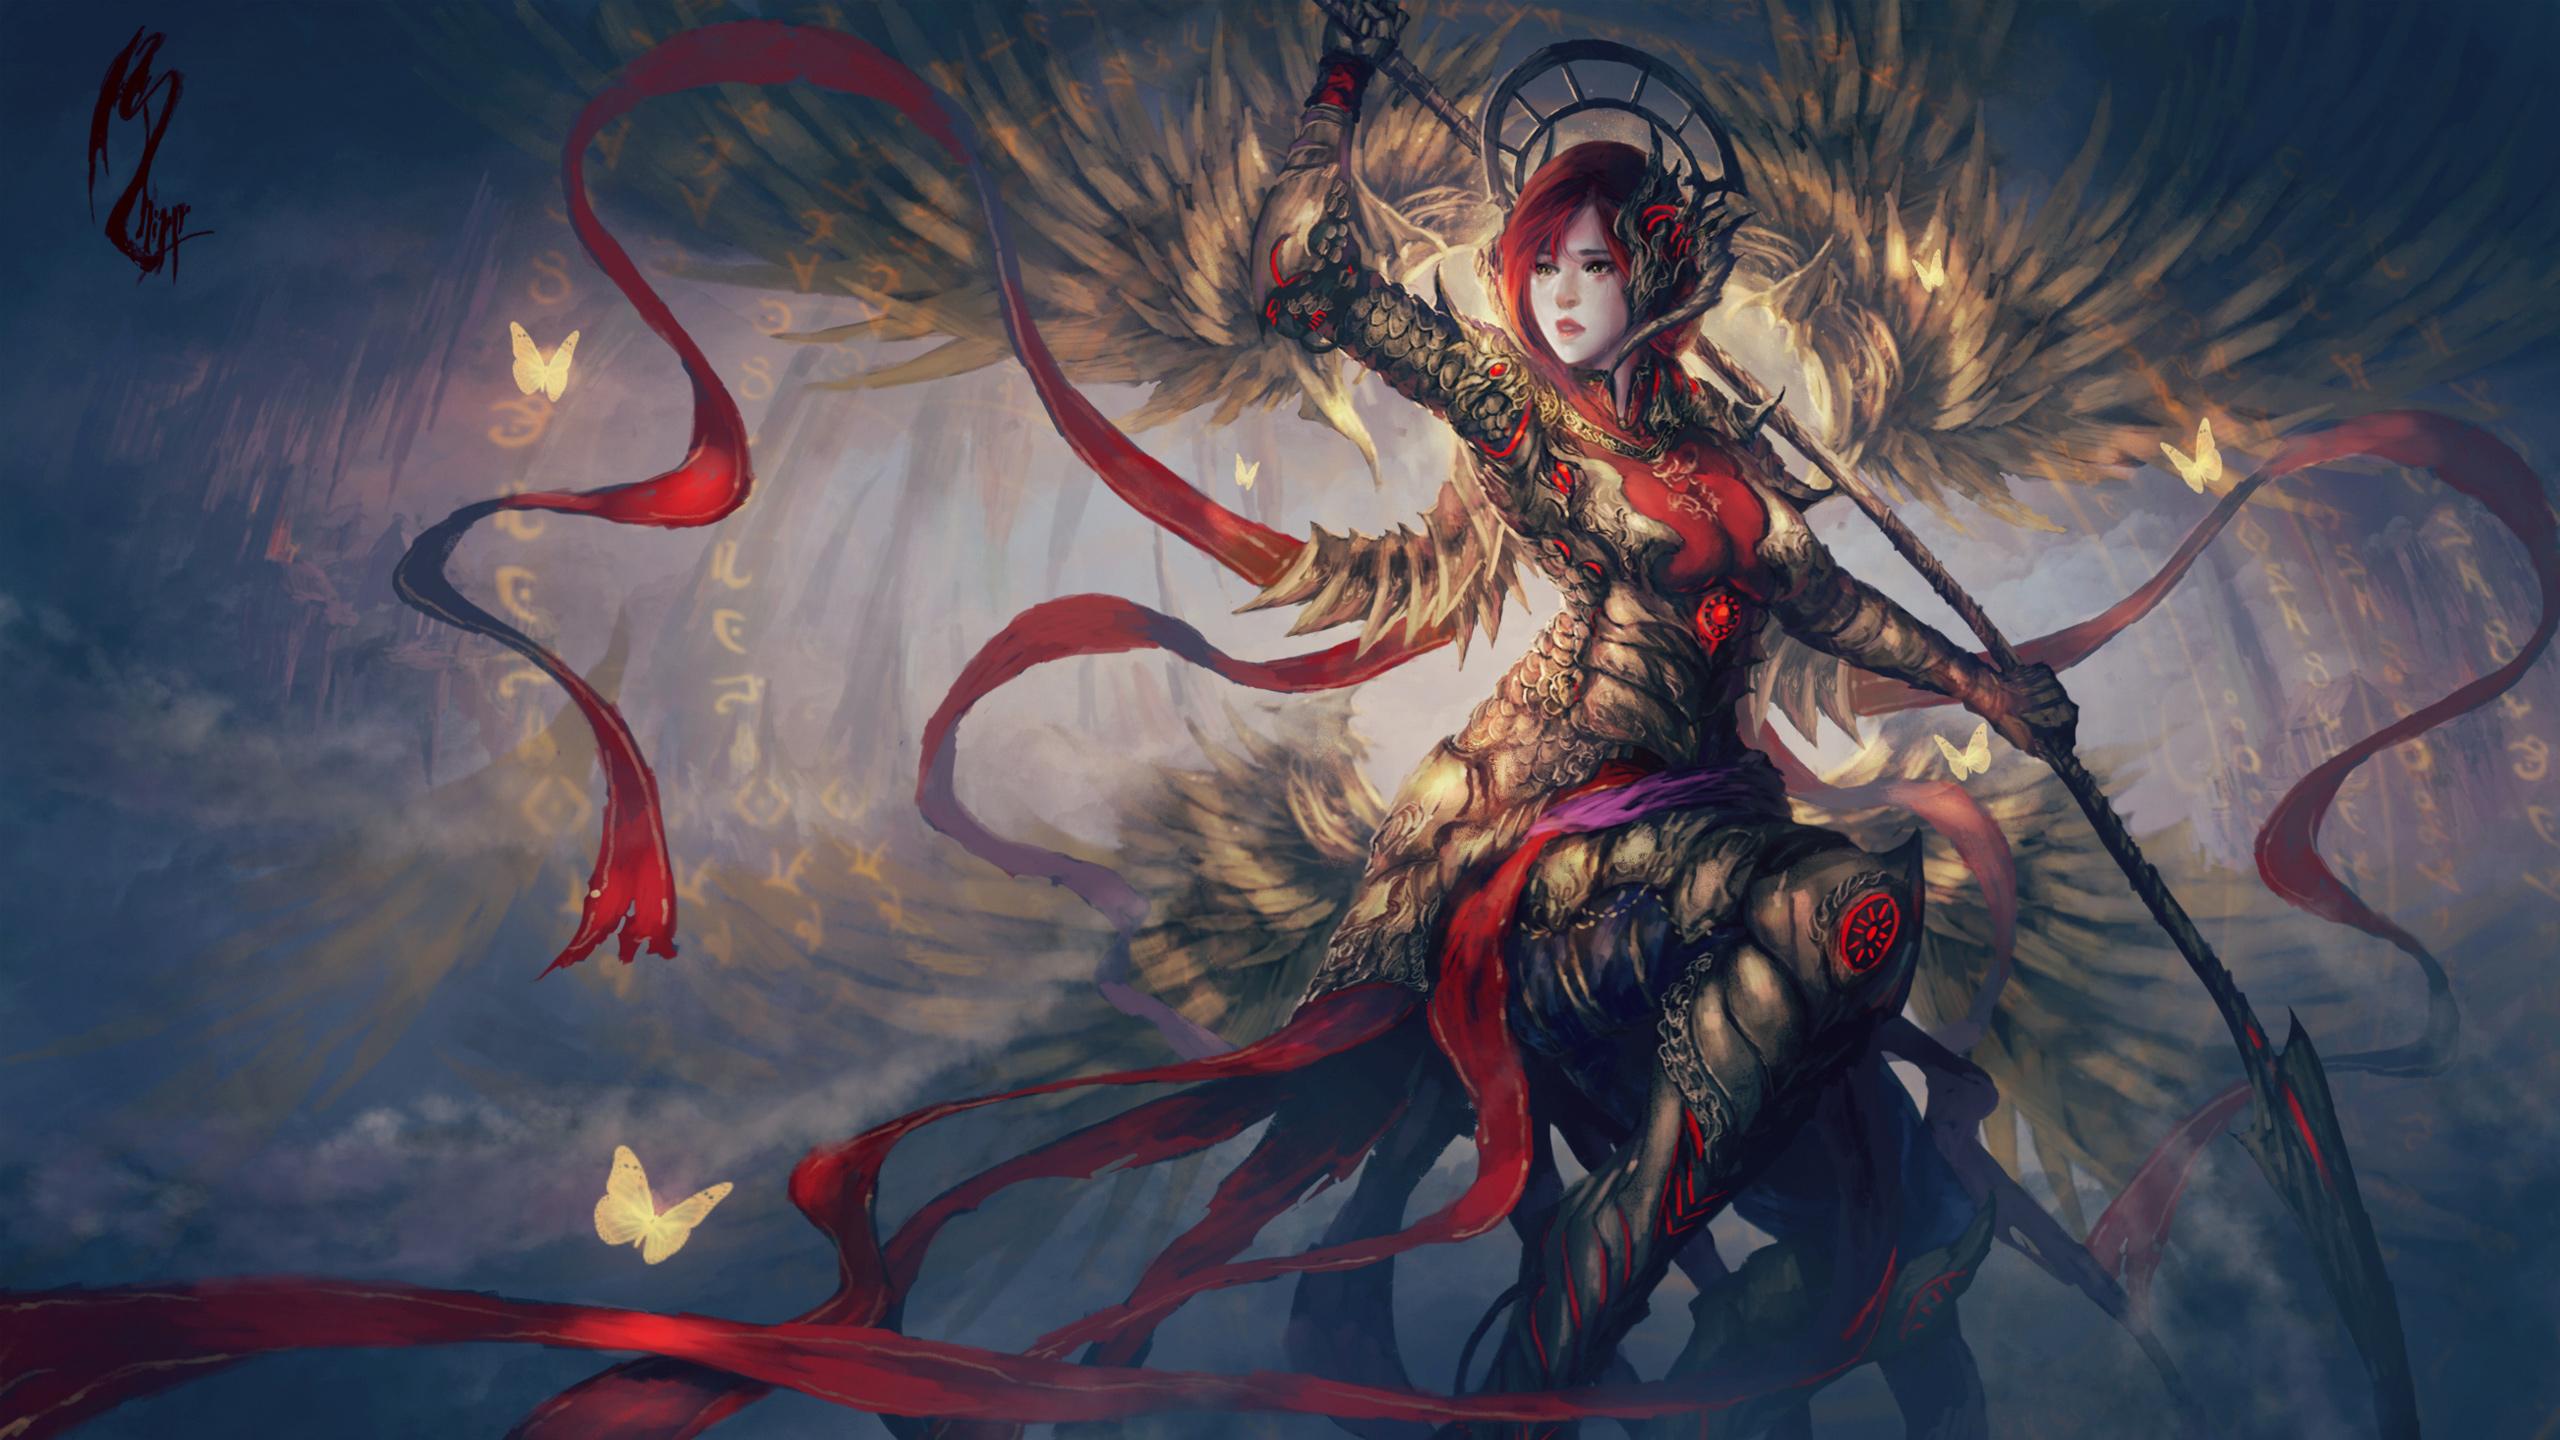 Fantasy warrior artwork. обои скачать